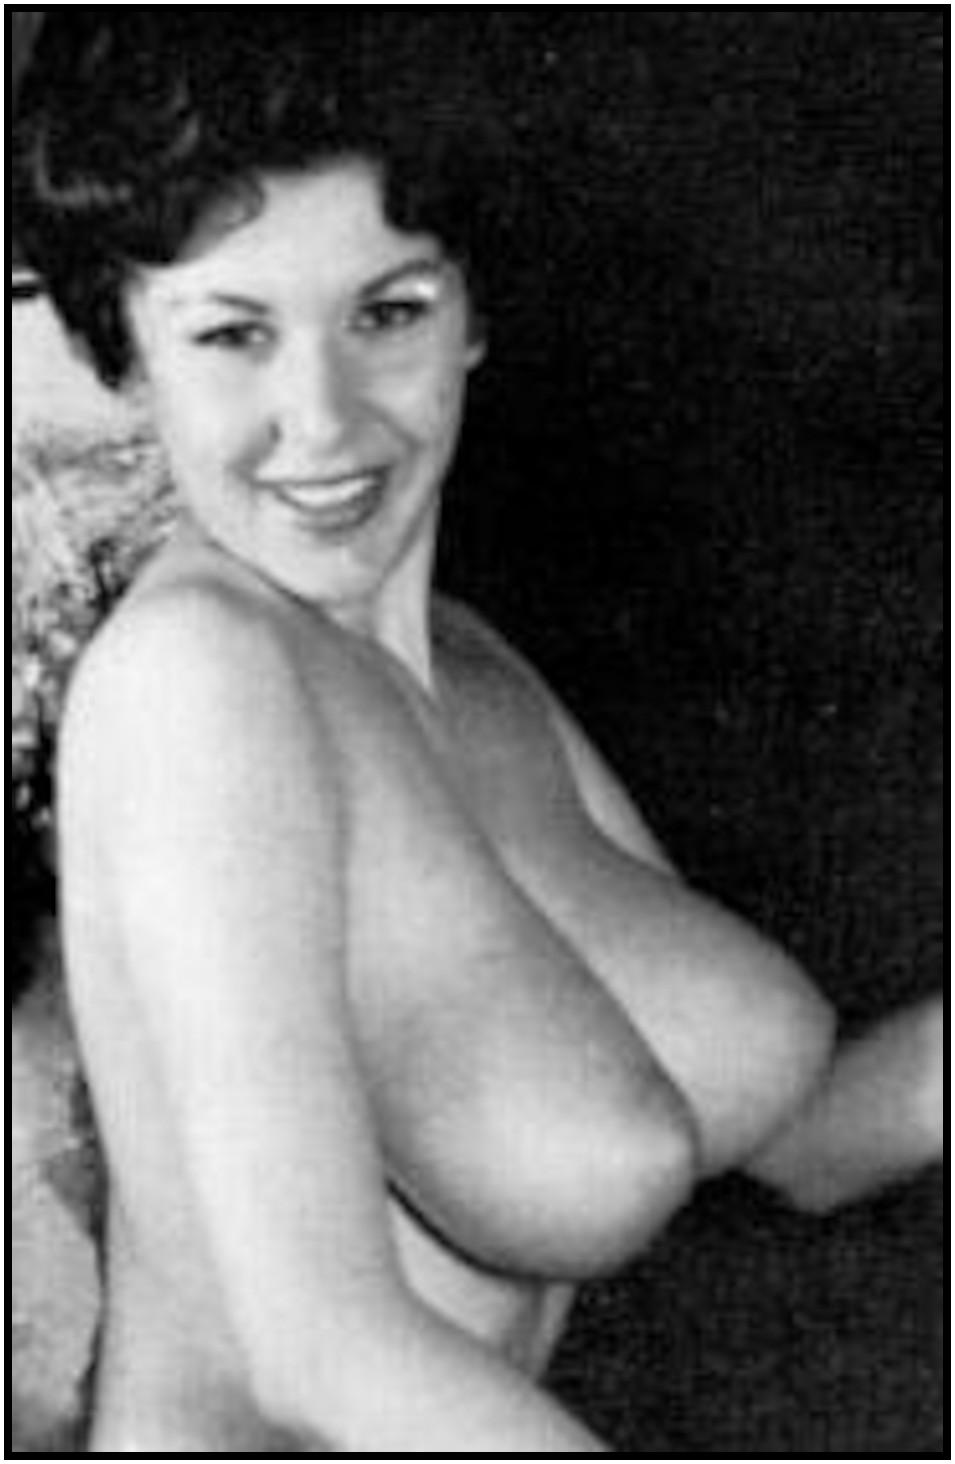 reynolds nude Elaine vintage